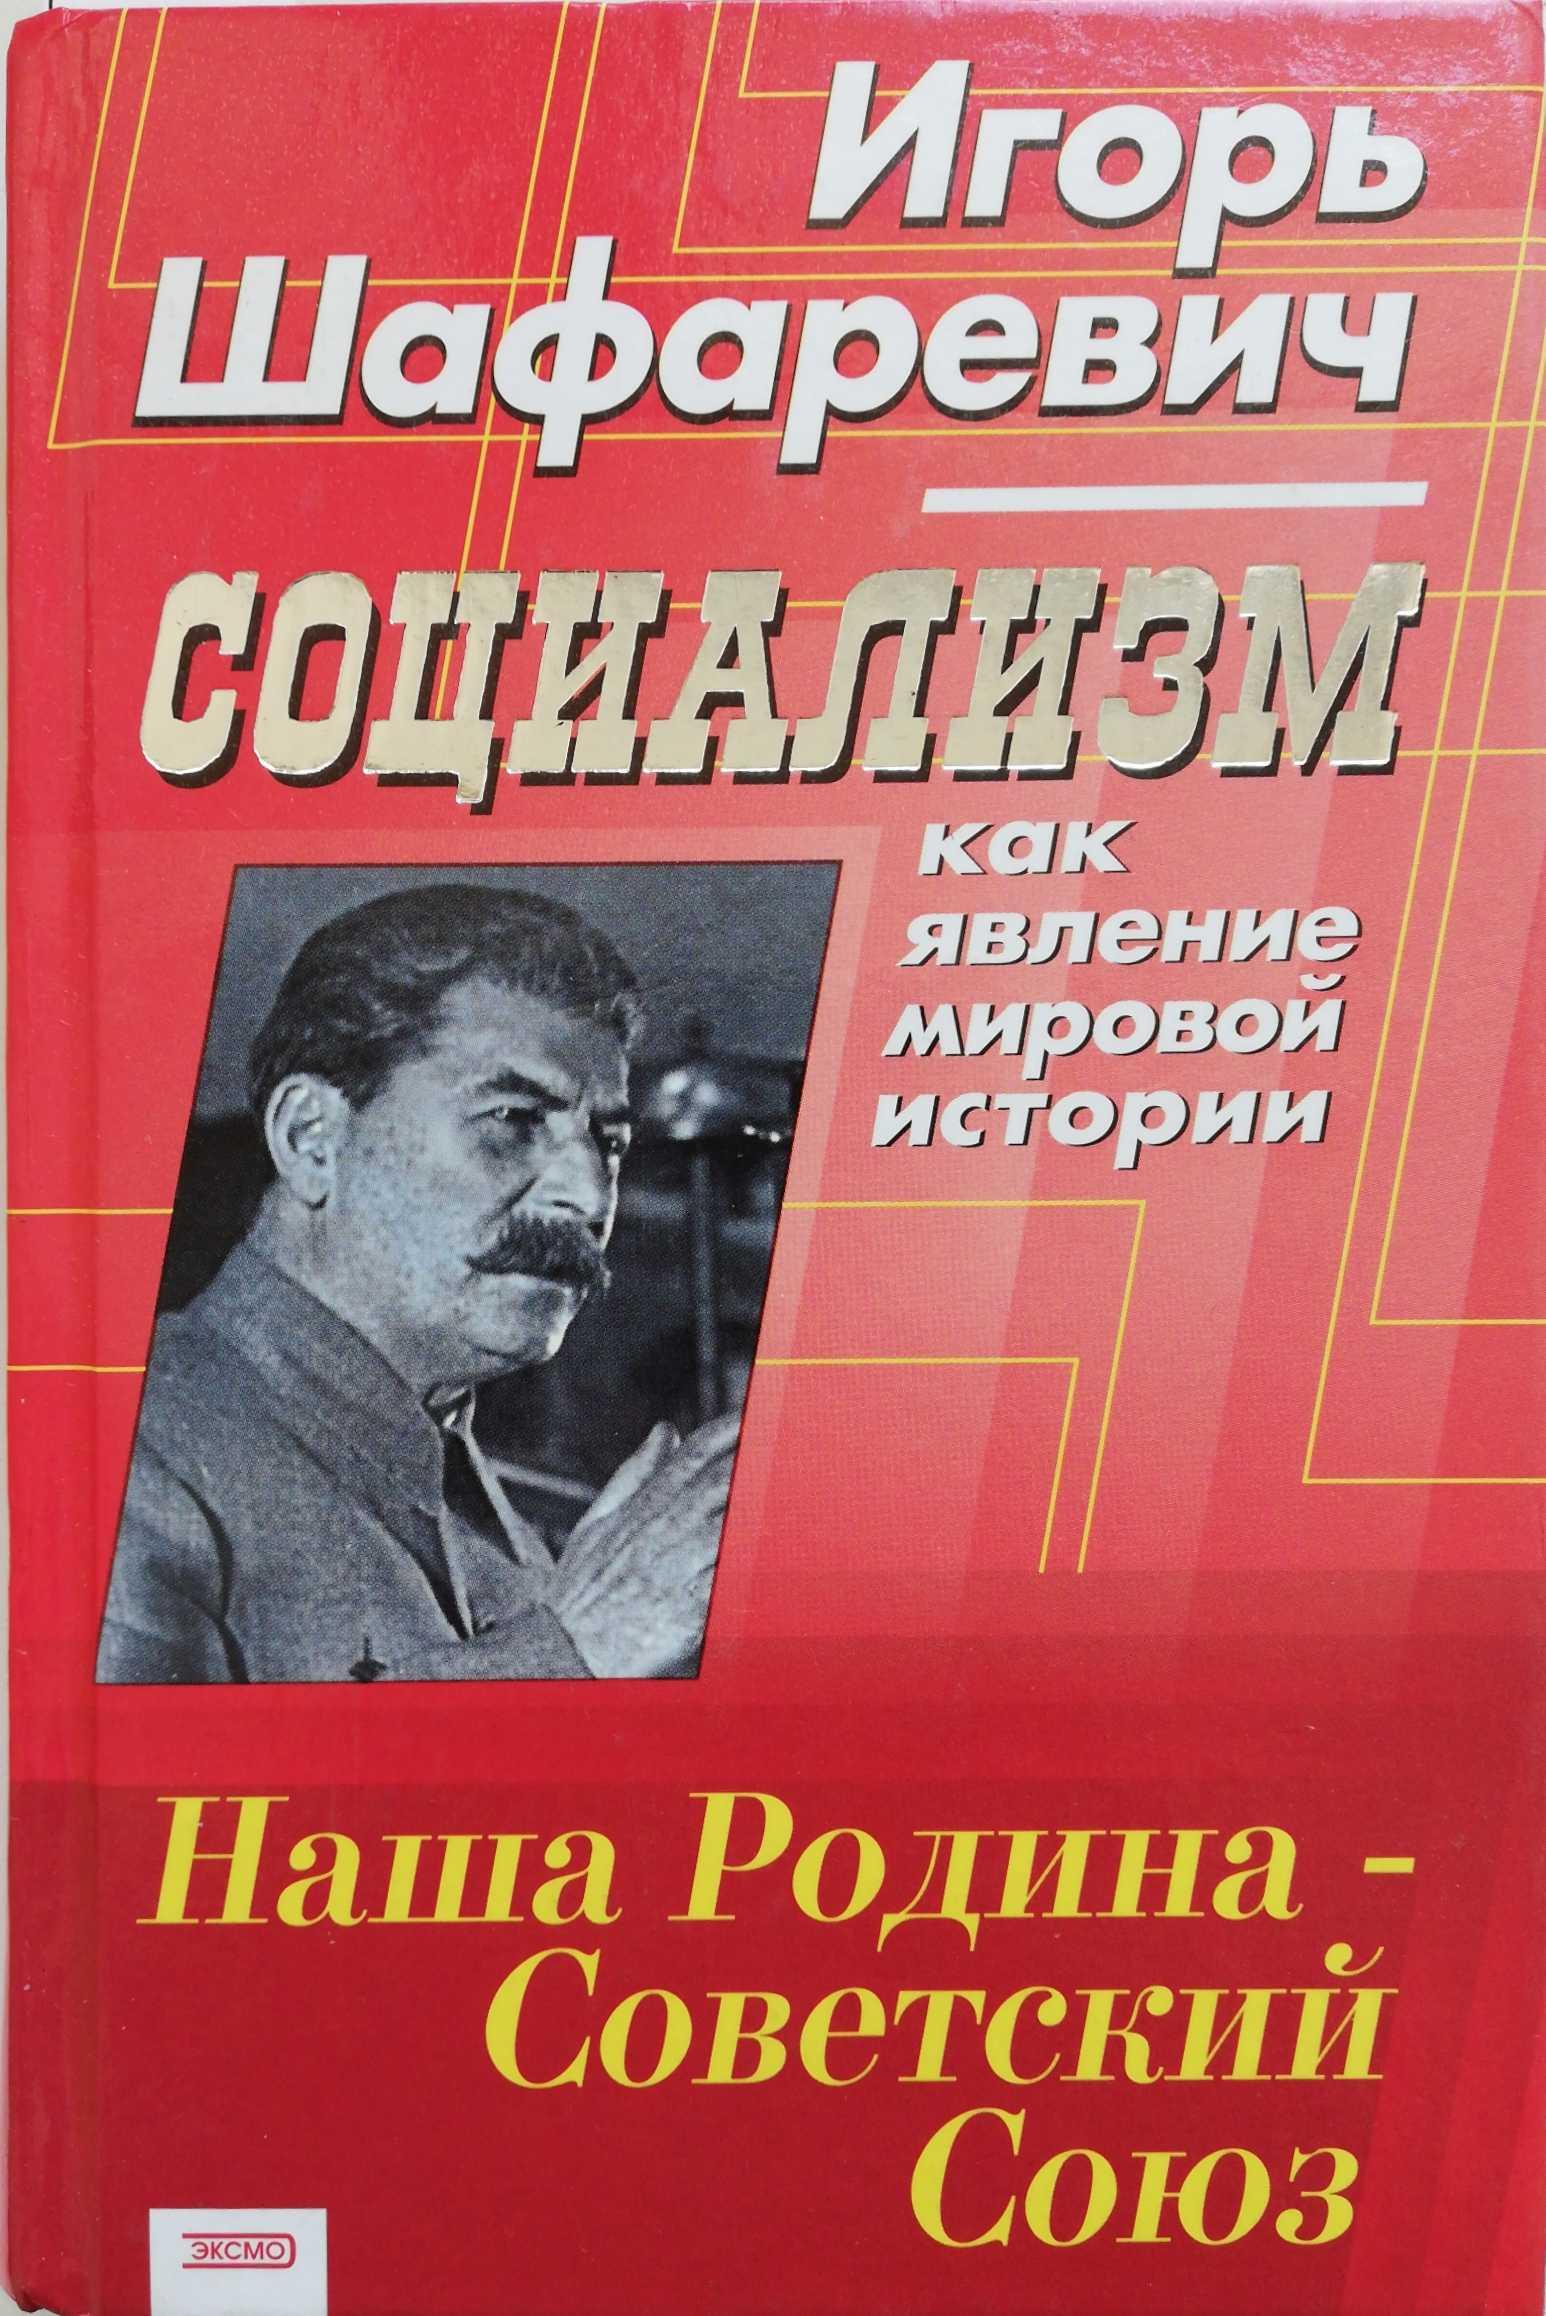 И.Шафаревич. Социализм как явление мировой истории